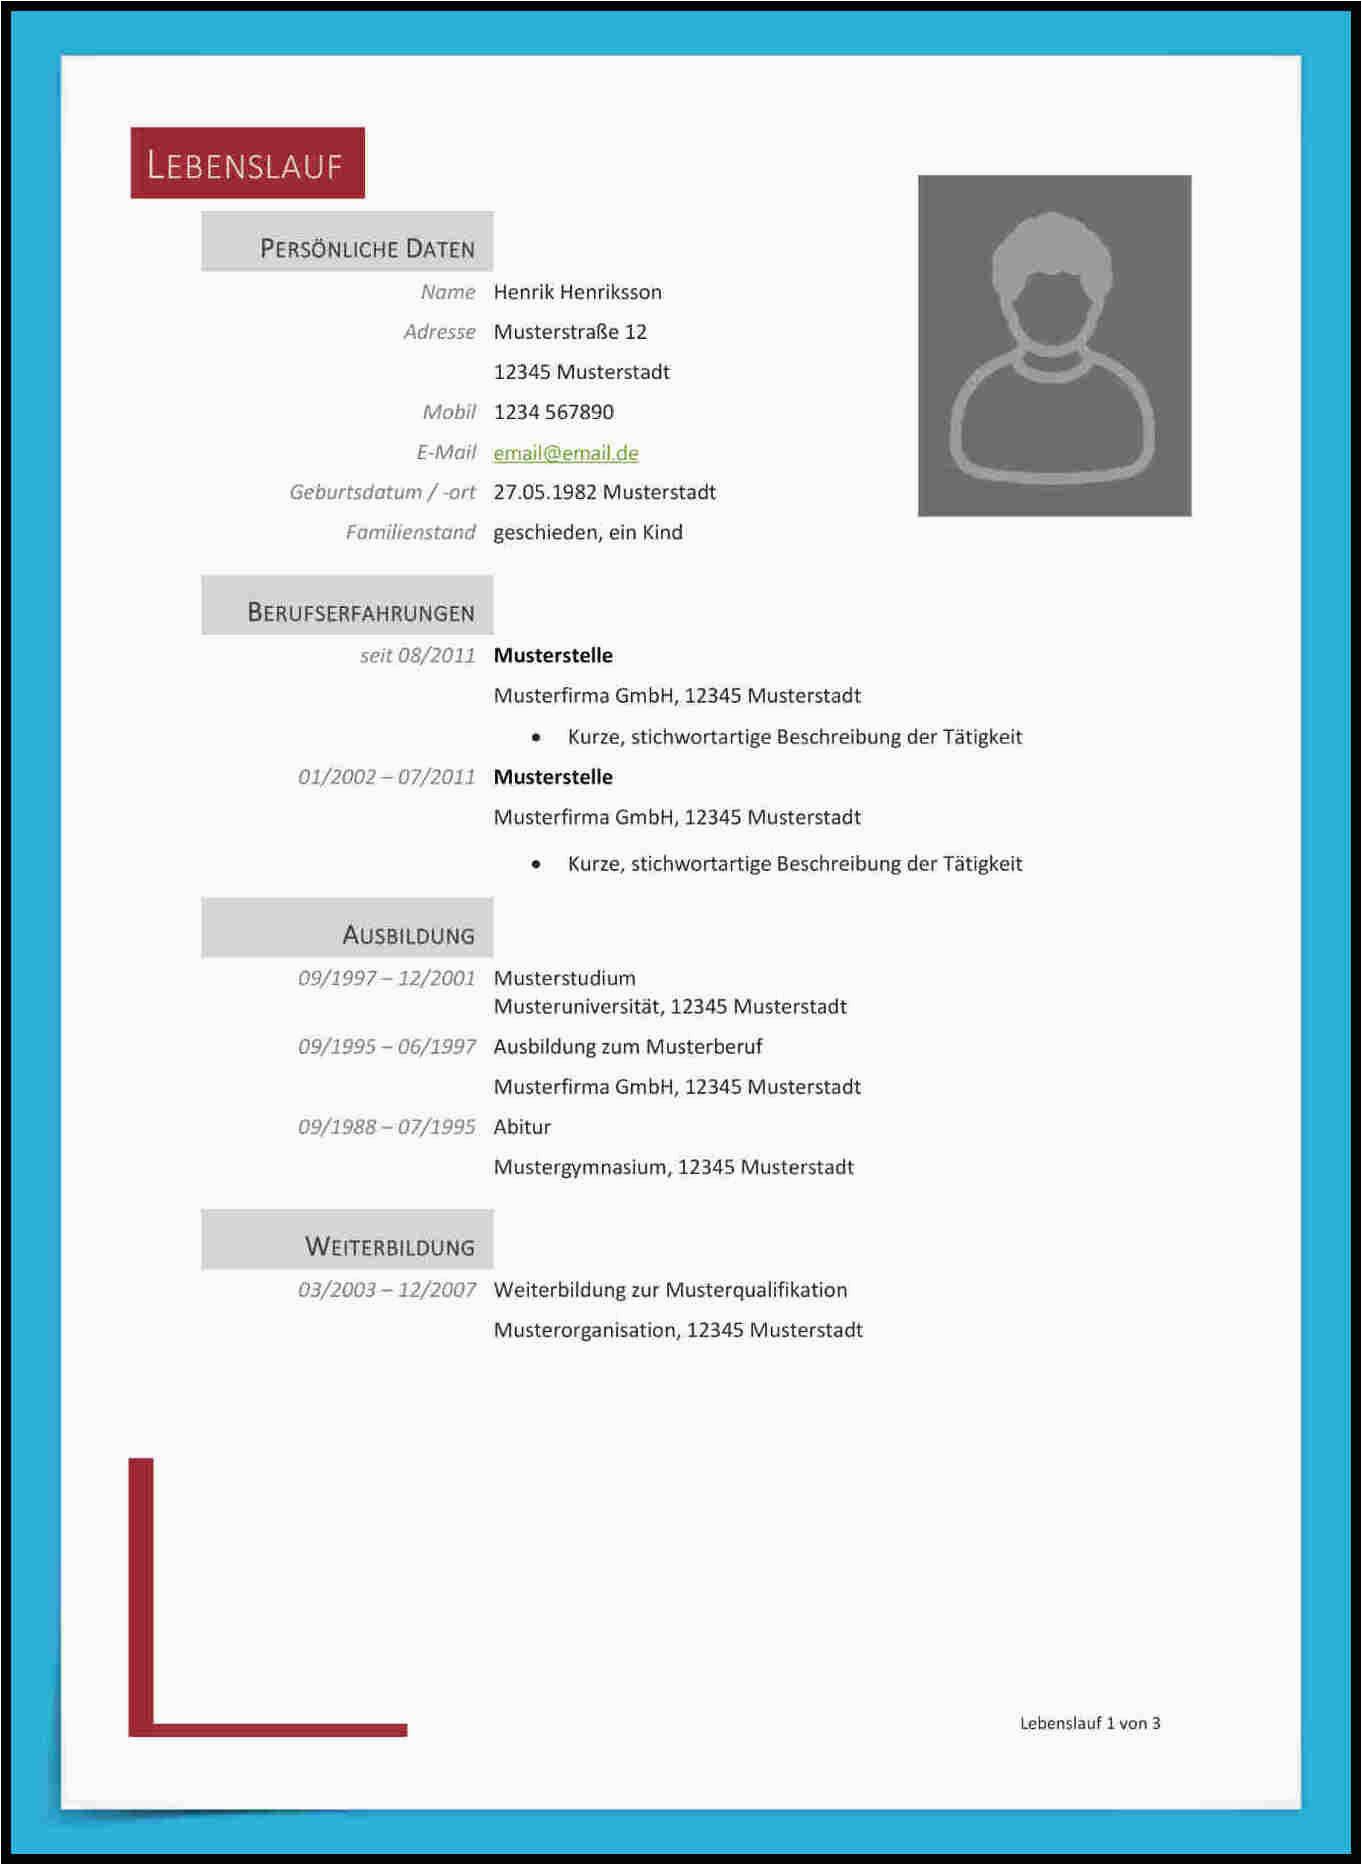 lebenslauf vorlage fuer ausbildungsplatz kostenlos schreiben eine ausbildung pdf word dokument bewerbung tabellarischer einen 10 fr enabsetzen